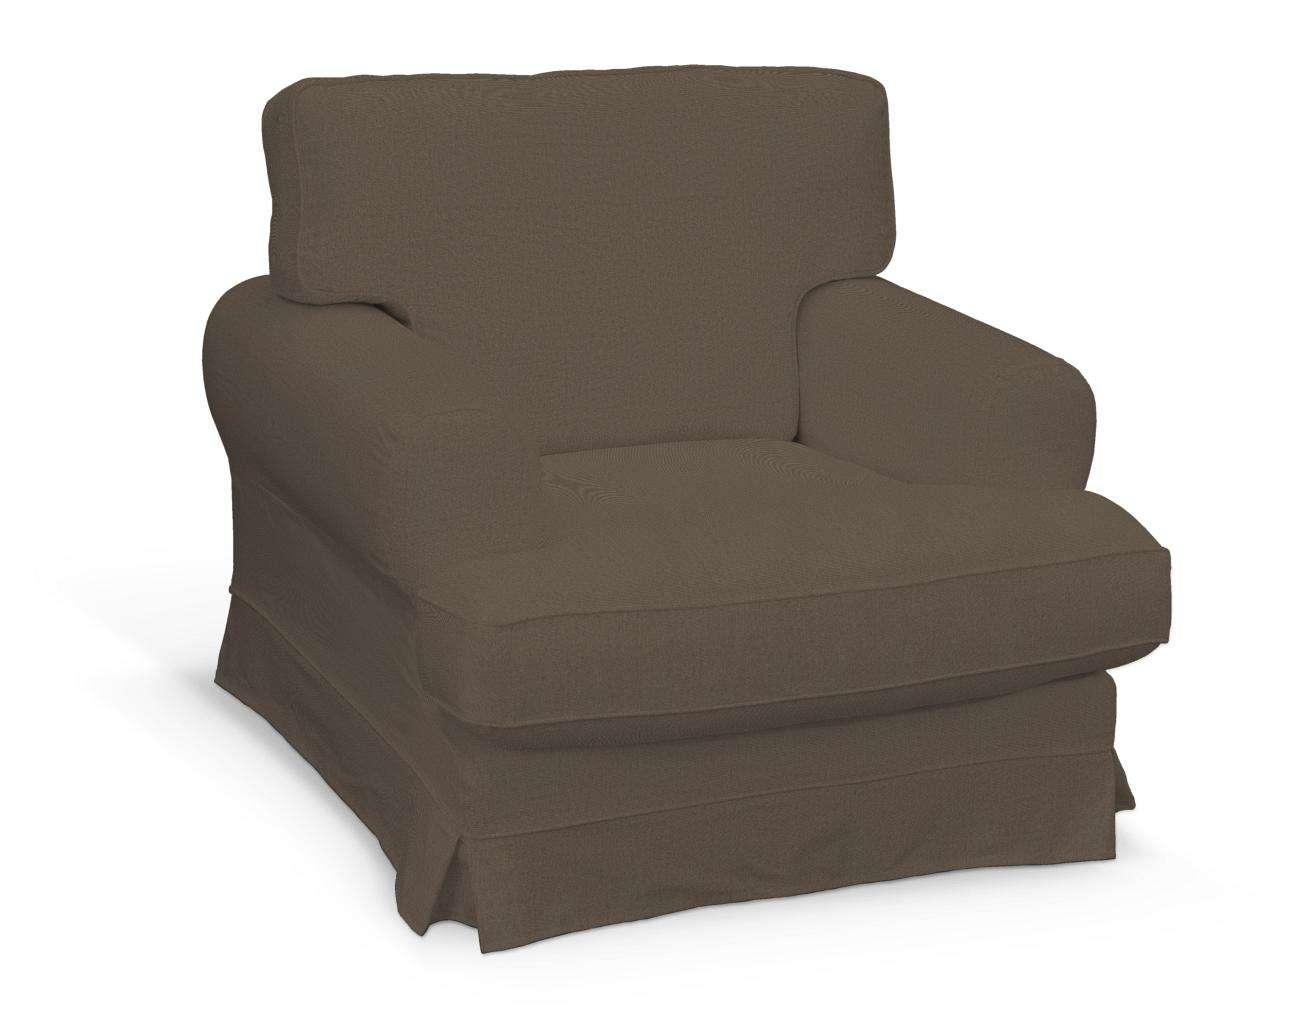 Pokrowiec na fotel Ekeskog Fotel Ekeskog w kolekcji Etna , tkanina: 705-08